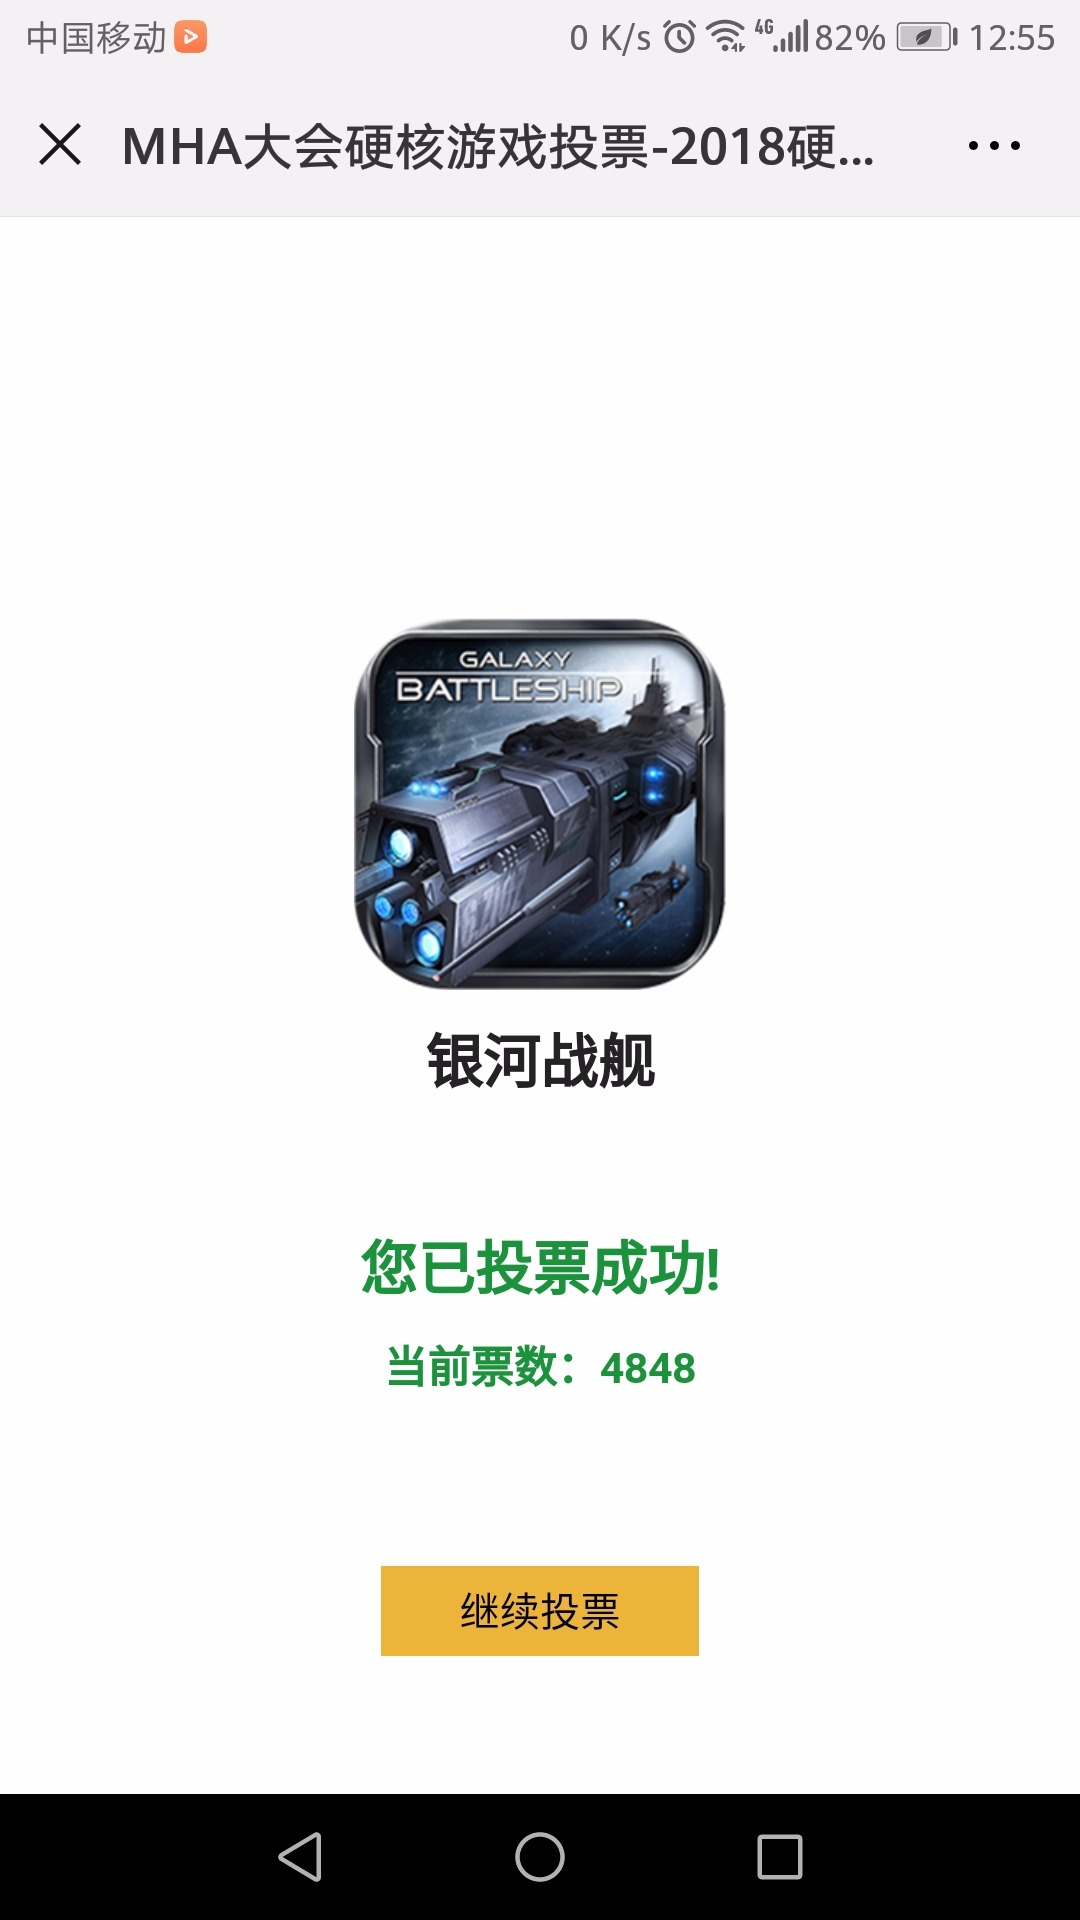 Screenshot_20181127-125523.jpg